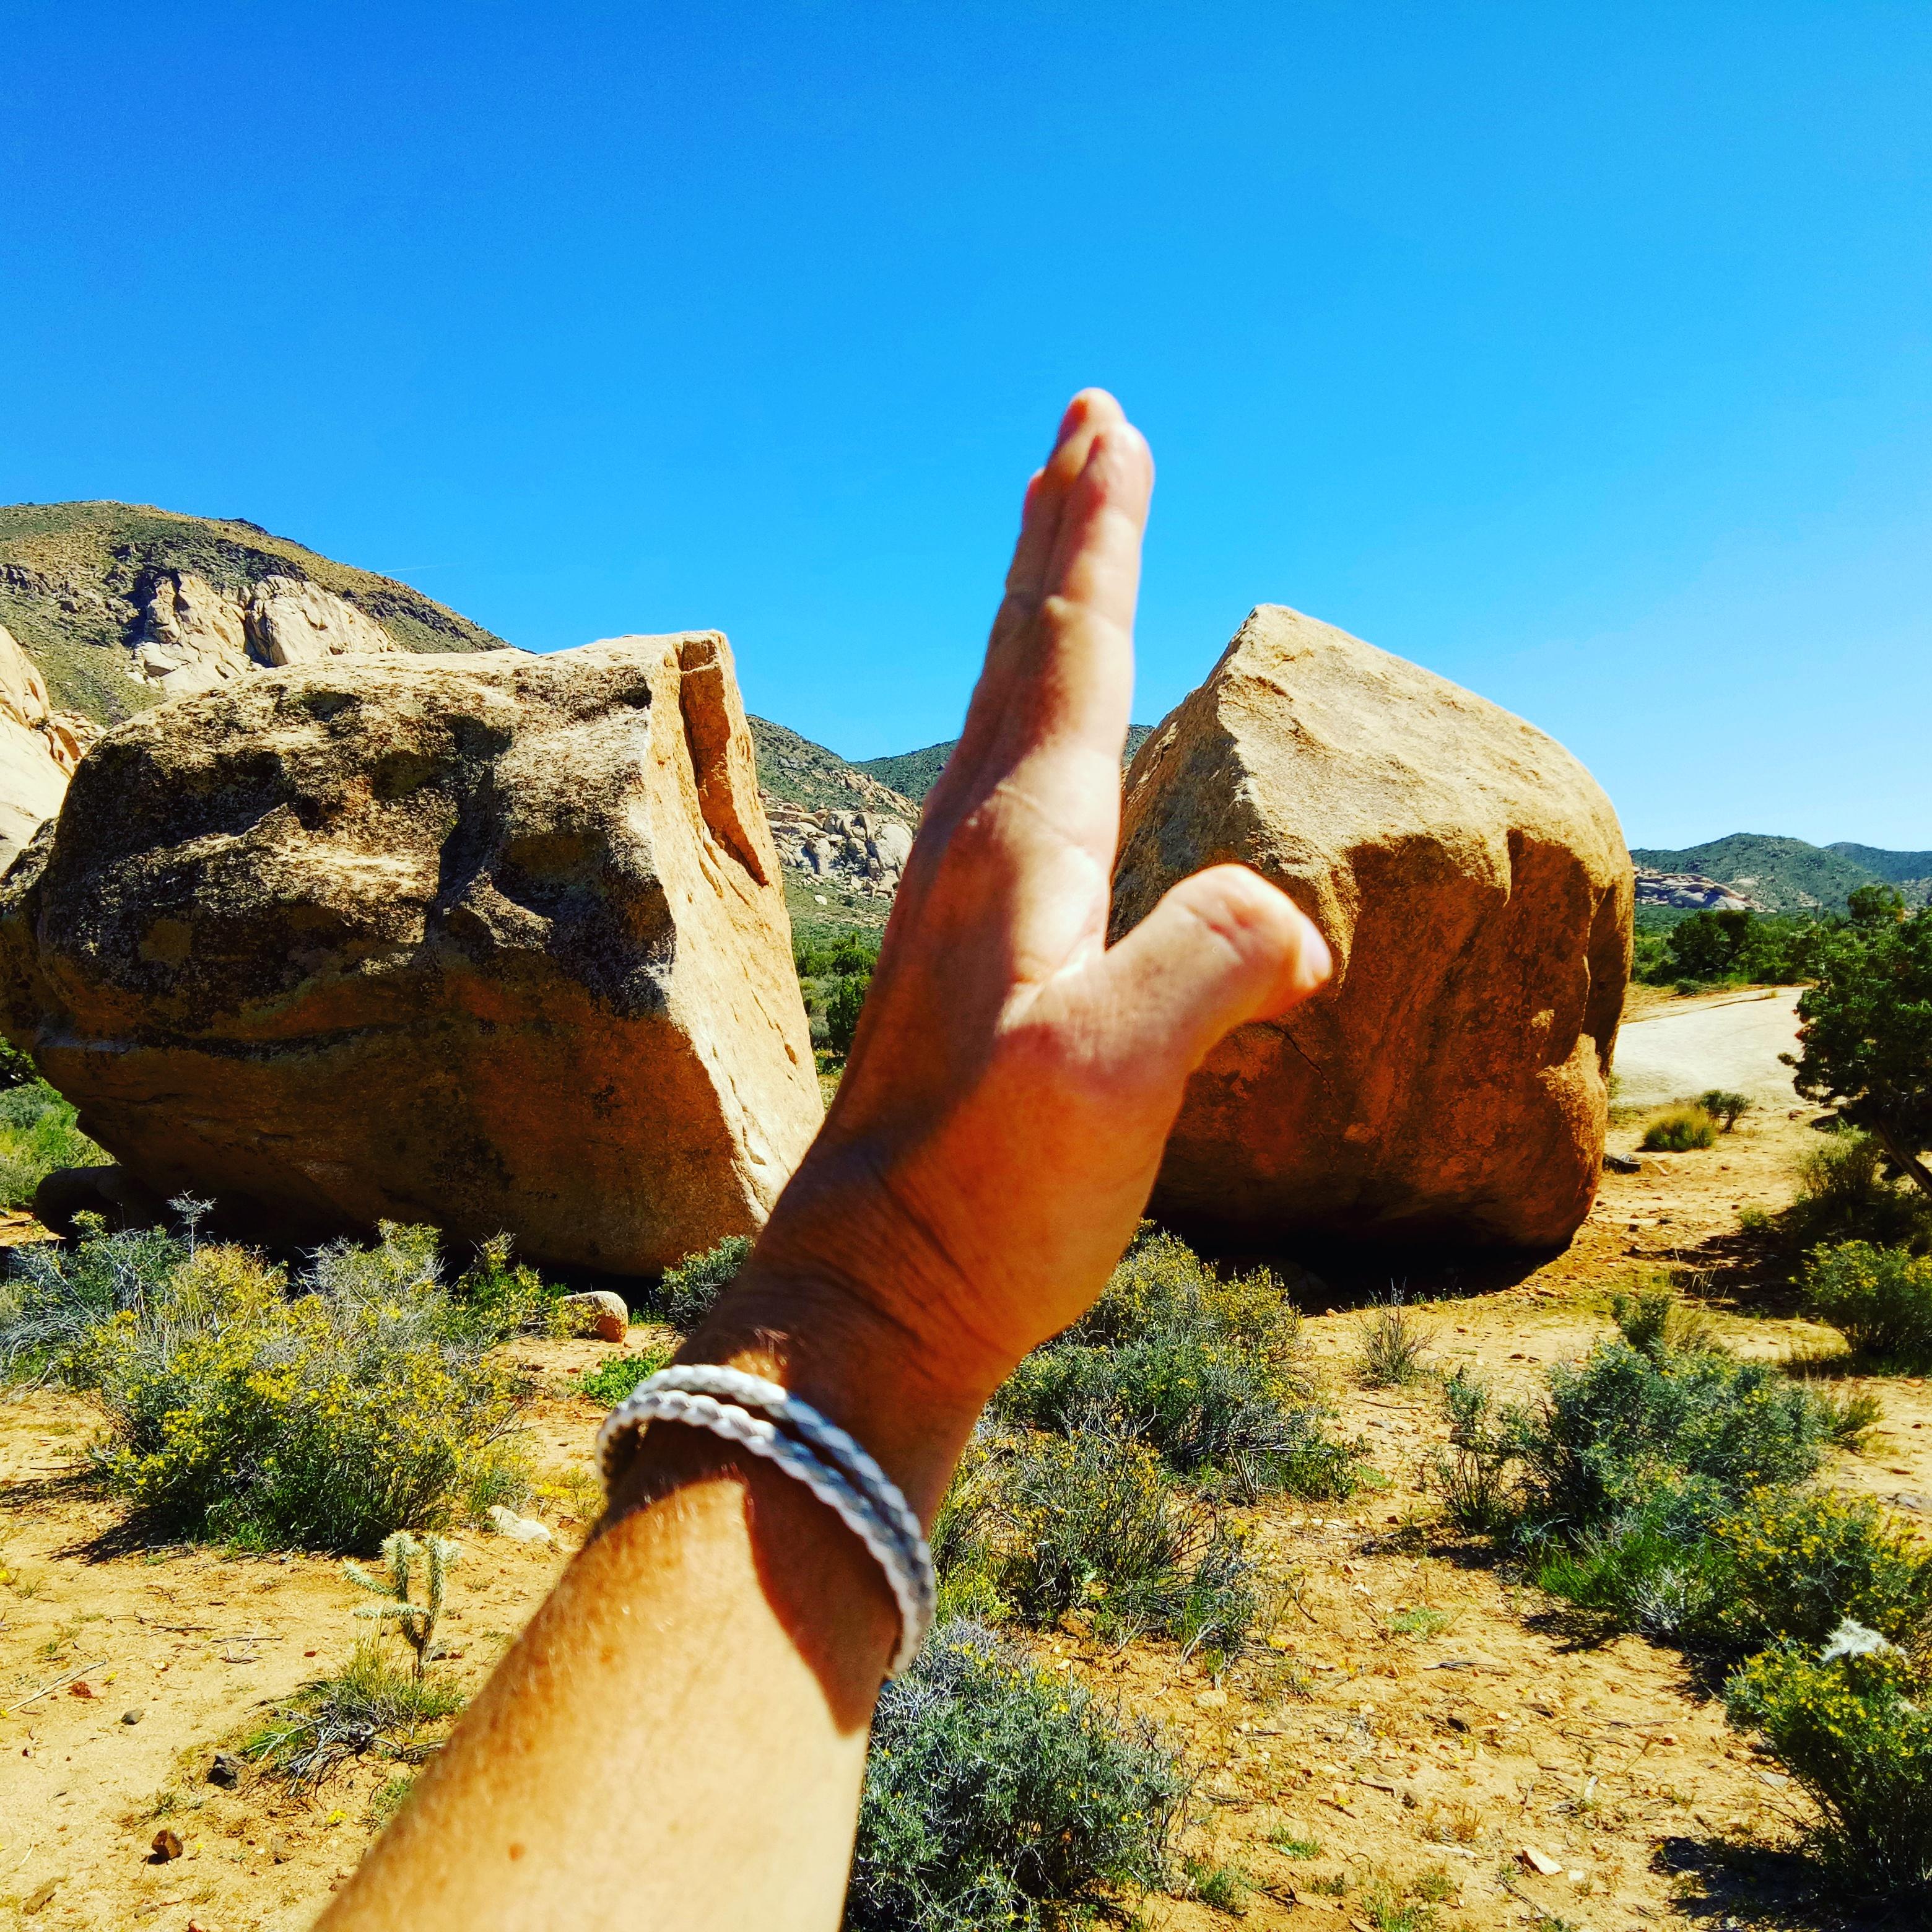 joshua tree national park travel desert diaries split rock vlog blog